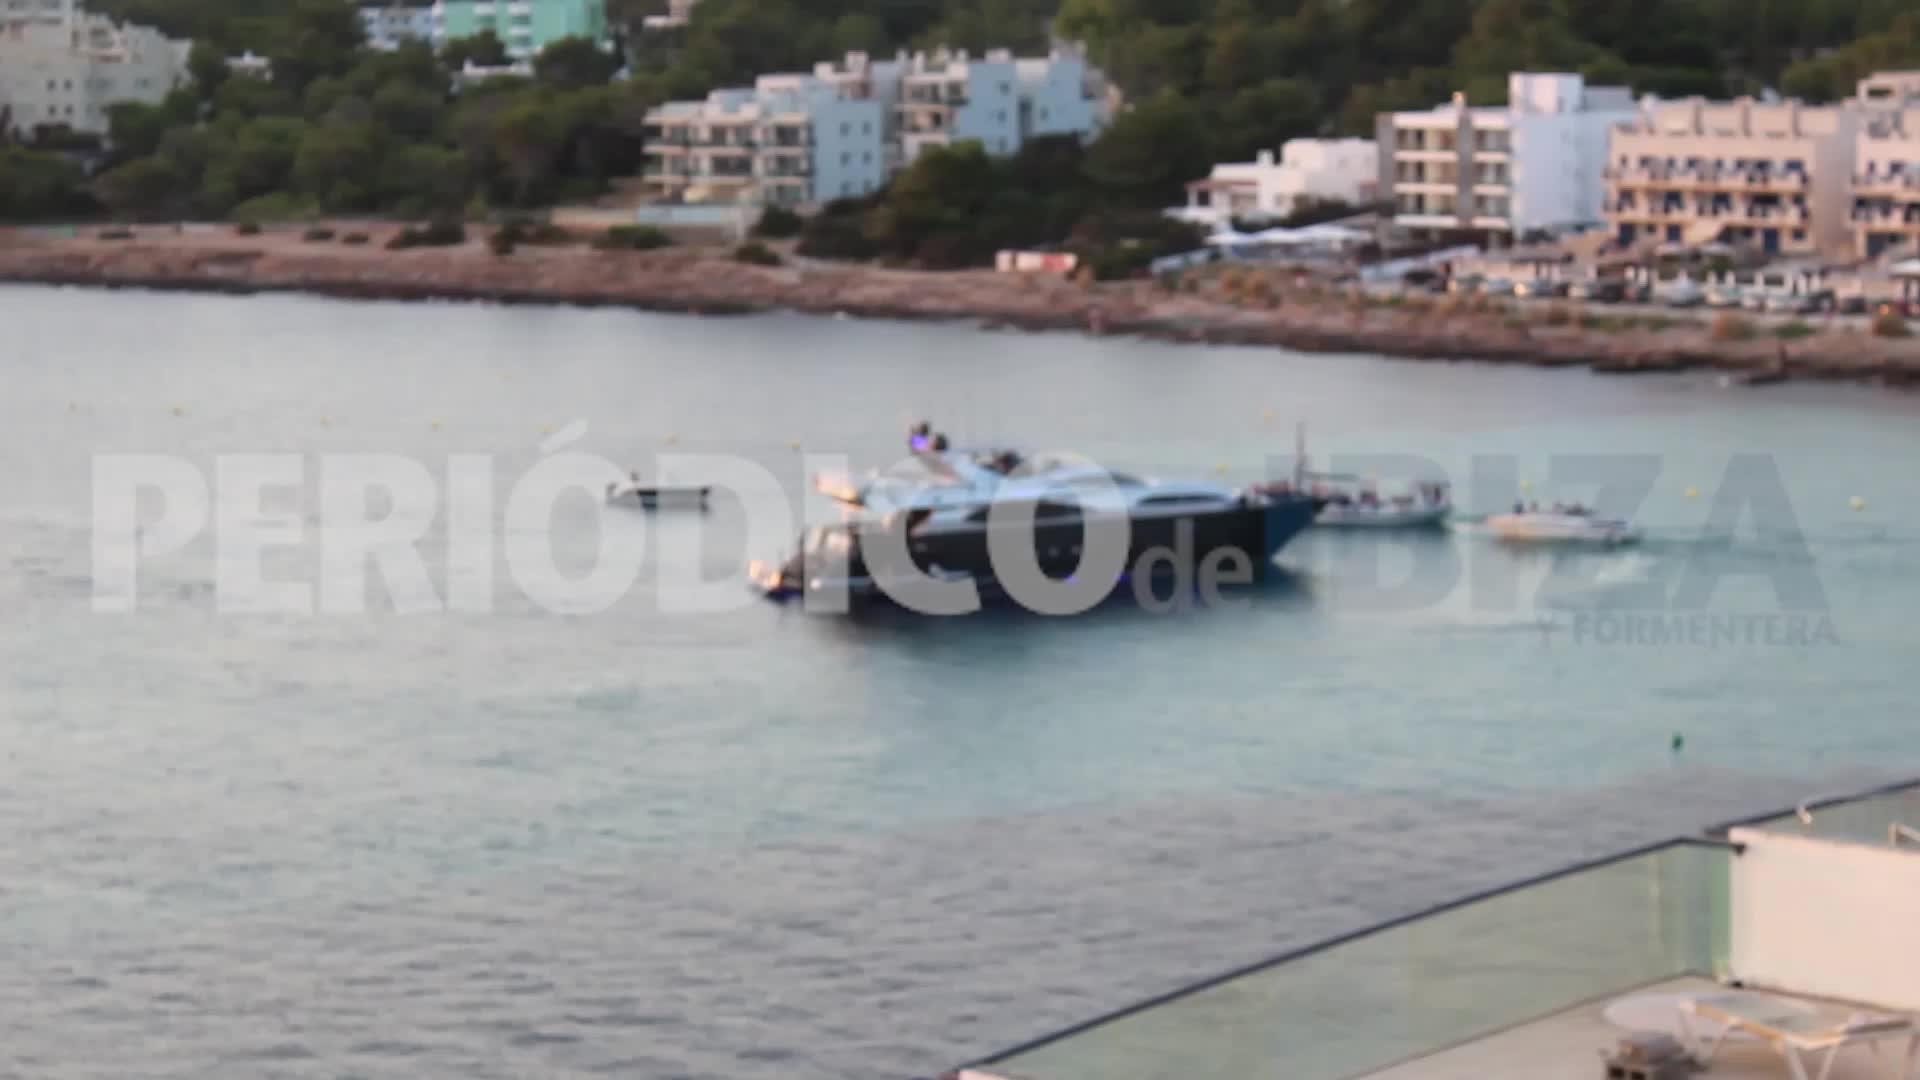 Vídeo | Juerga a bordo de un yate en aguas de Sant Antoni hasta altas horas de la madrugada